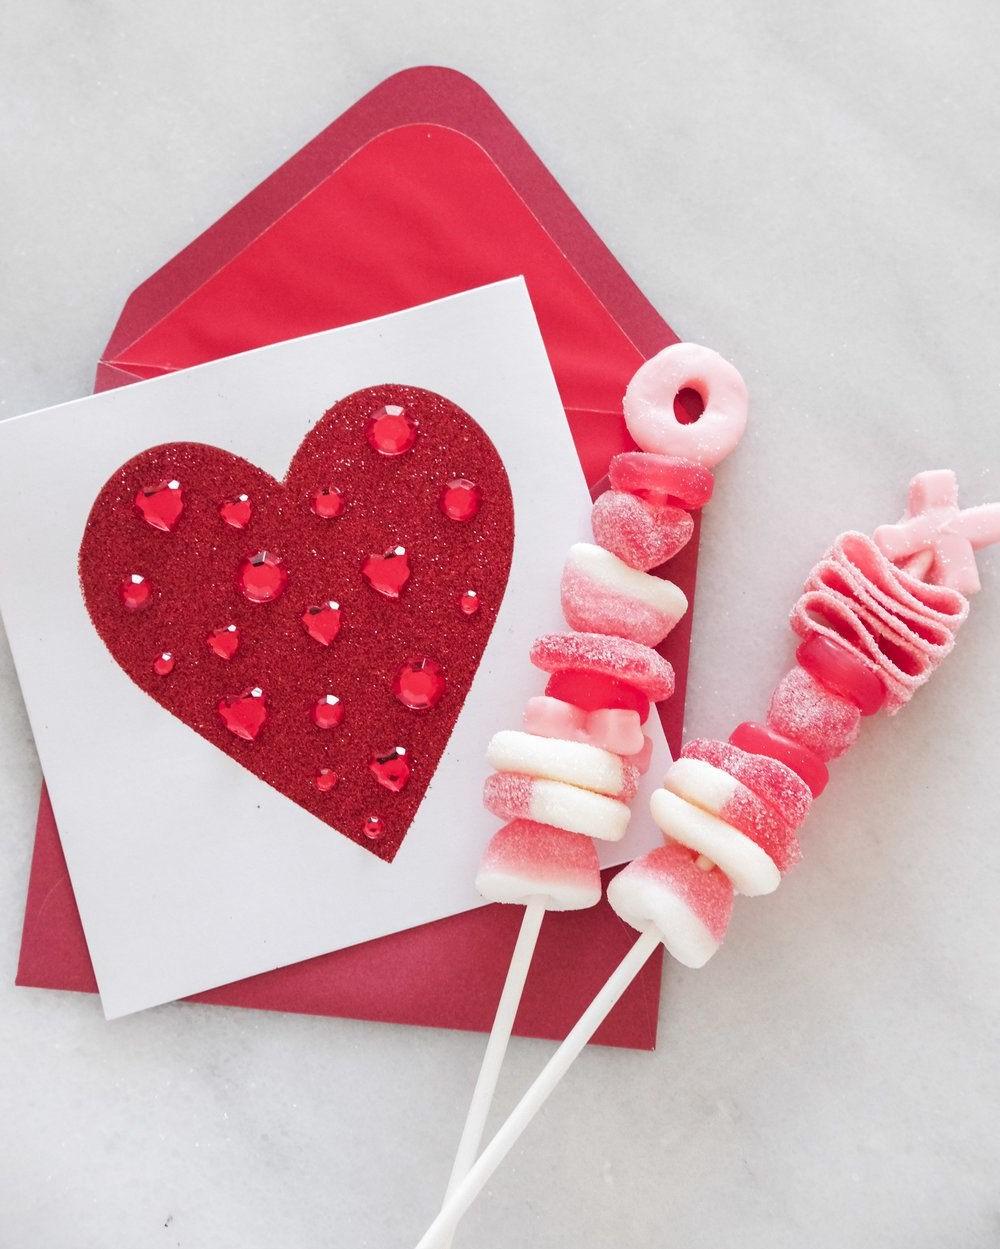 Surprise romantique pour votre bien-aimé.